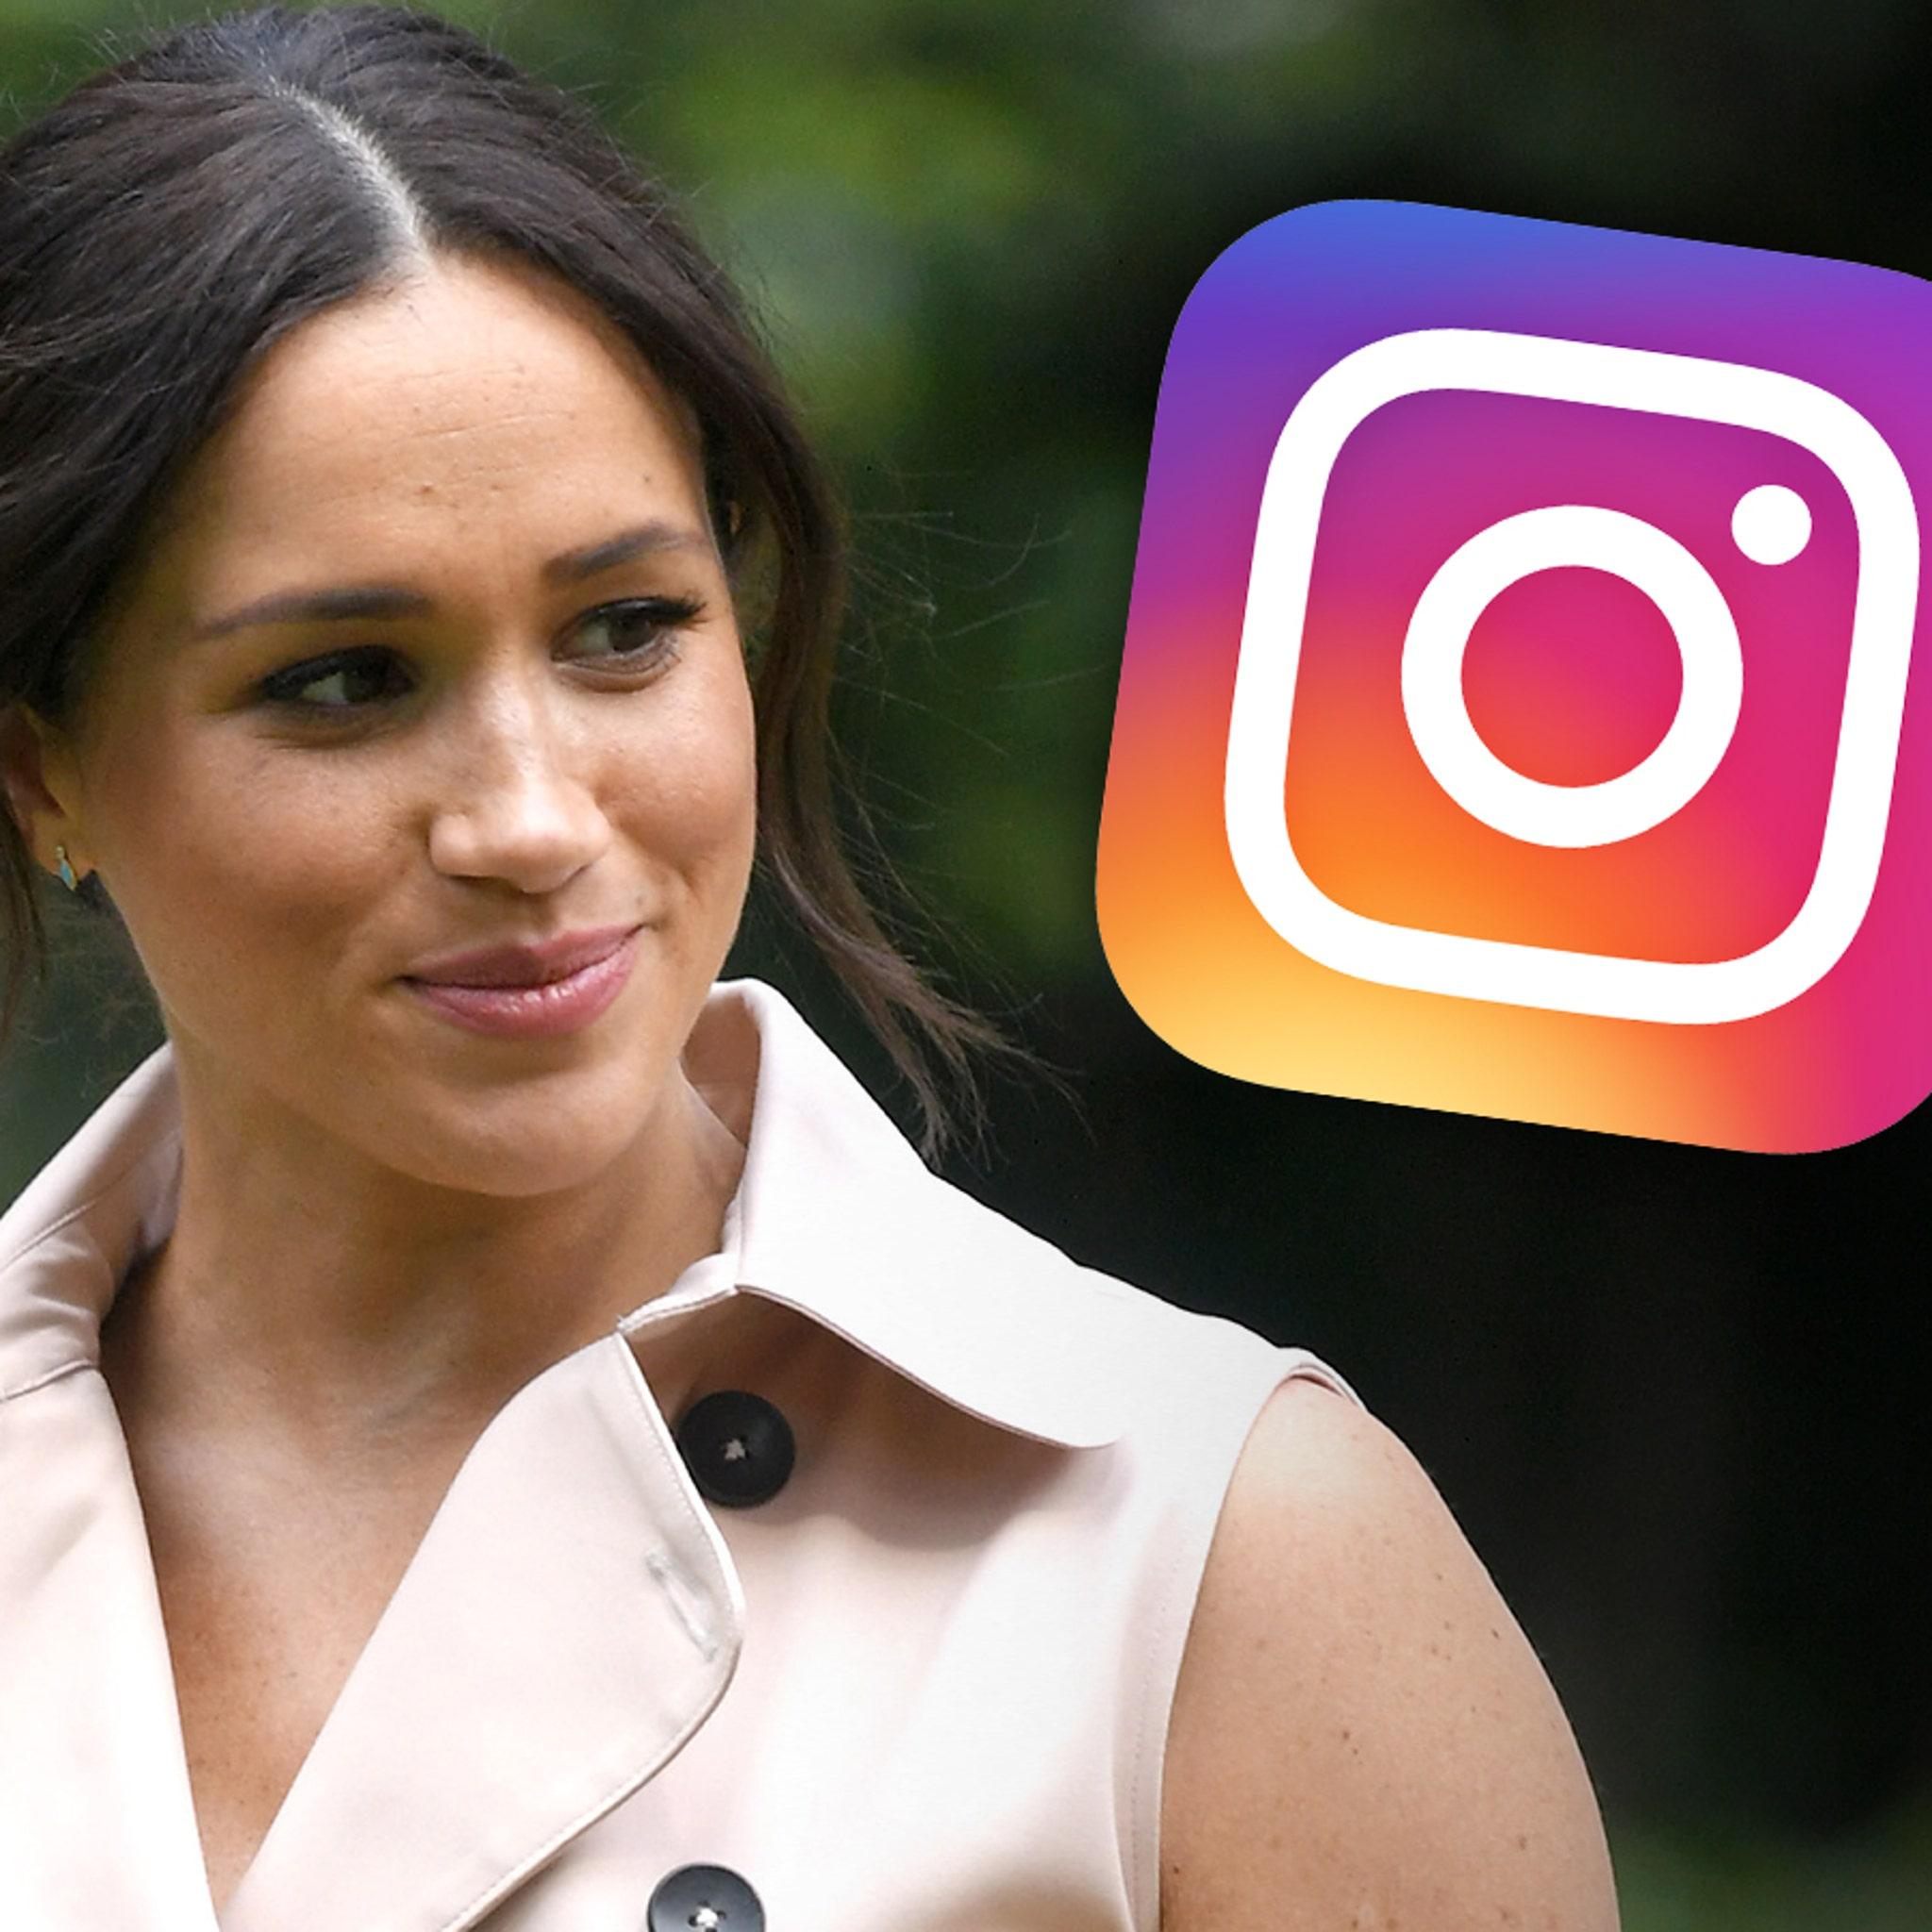 Meghan Markle Used Royal Instagram to Subtly Make Political Statements